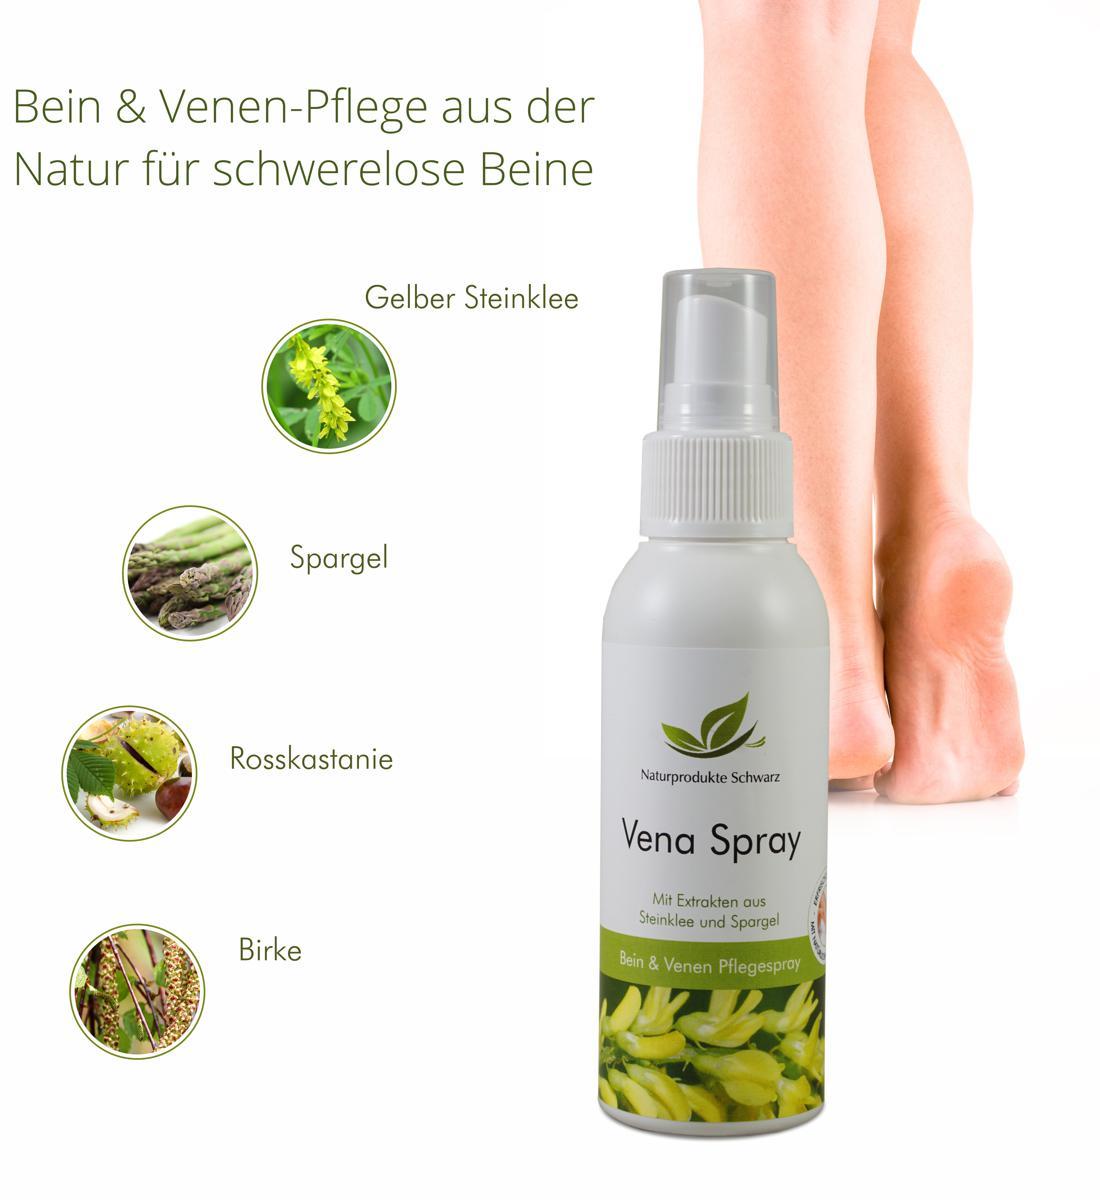 naturprodukte-schwarz-vena-spray-steinklee-spargel